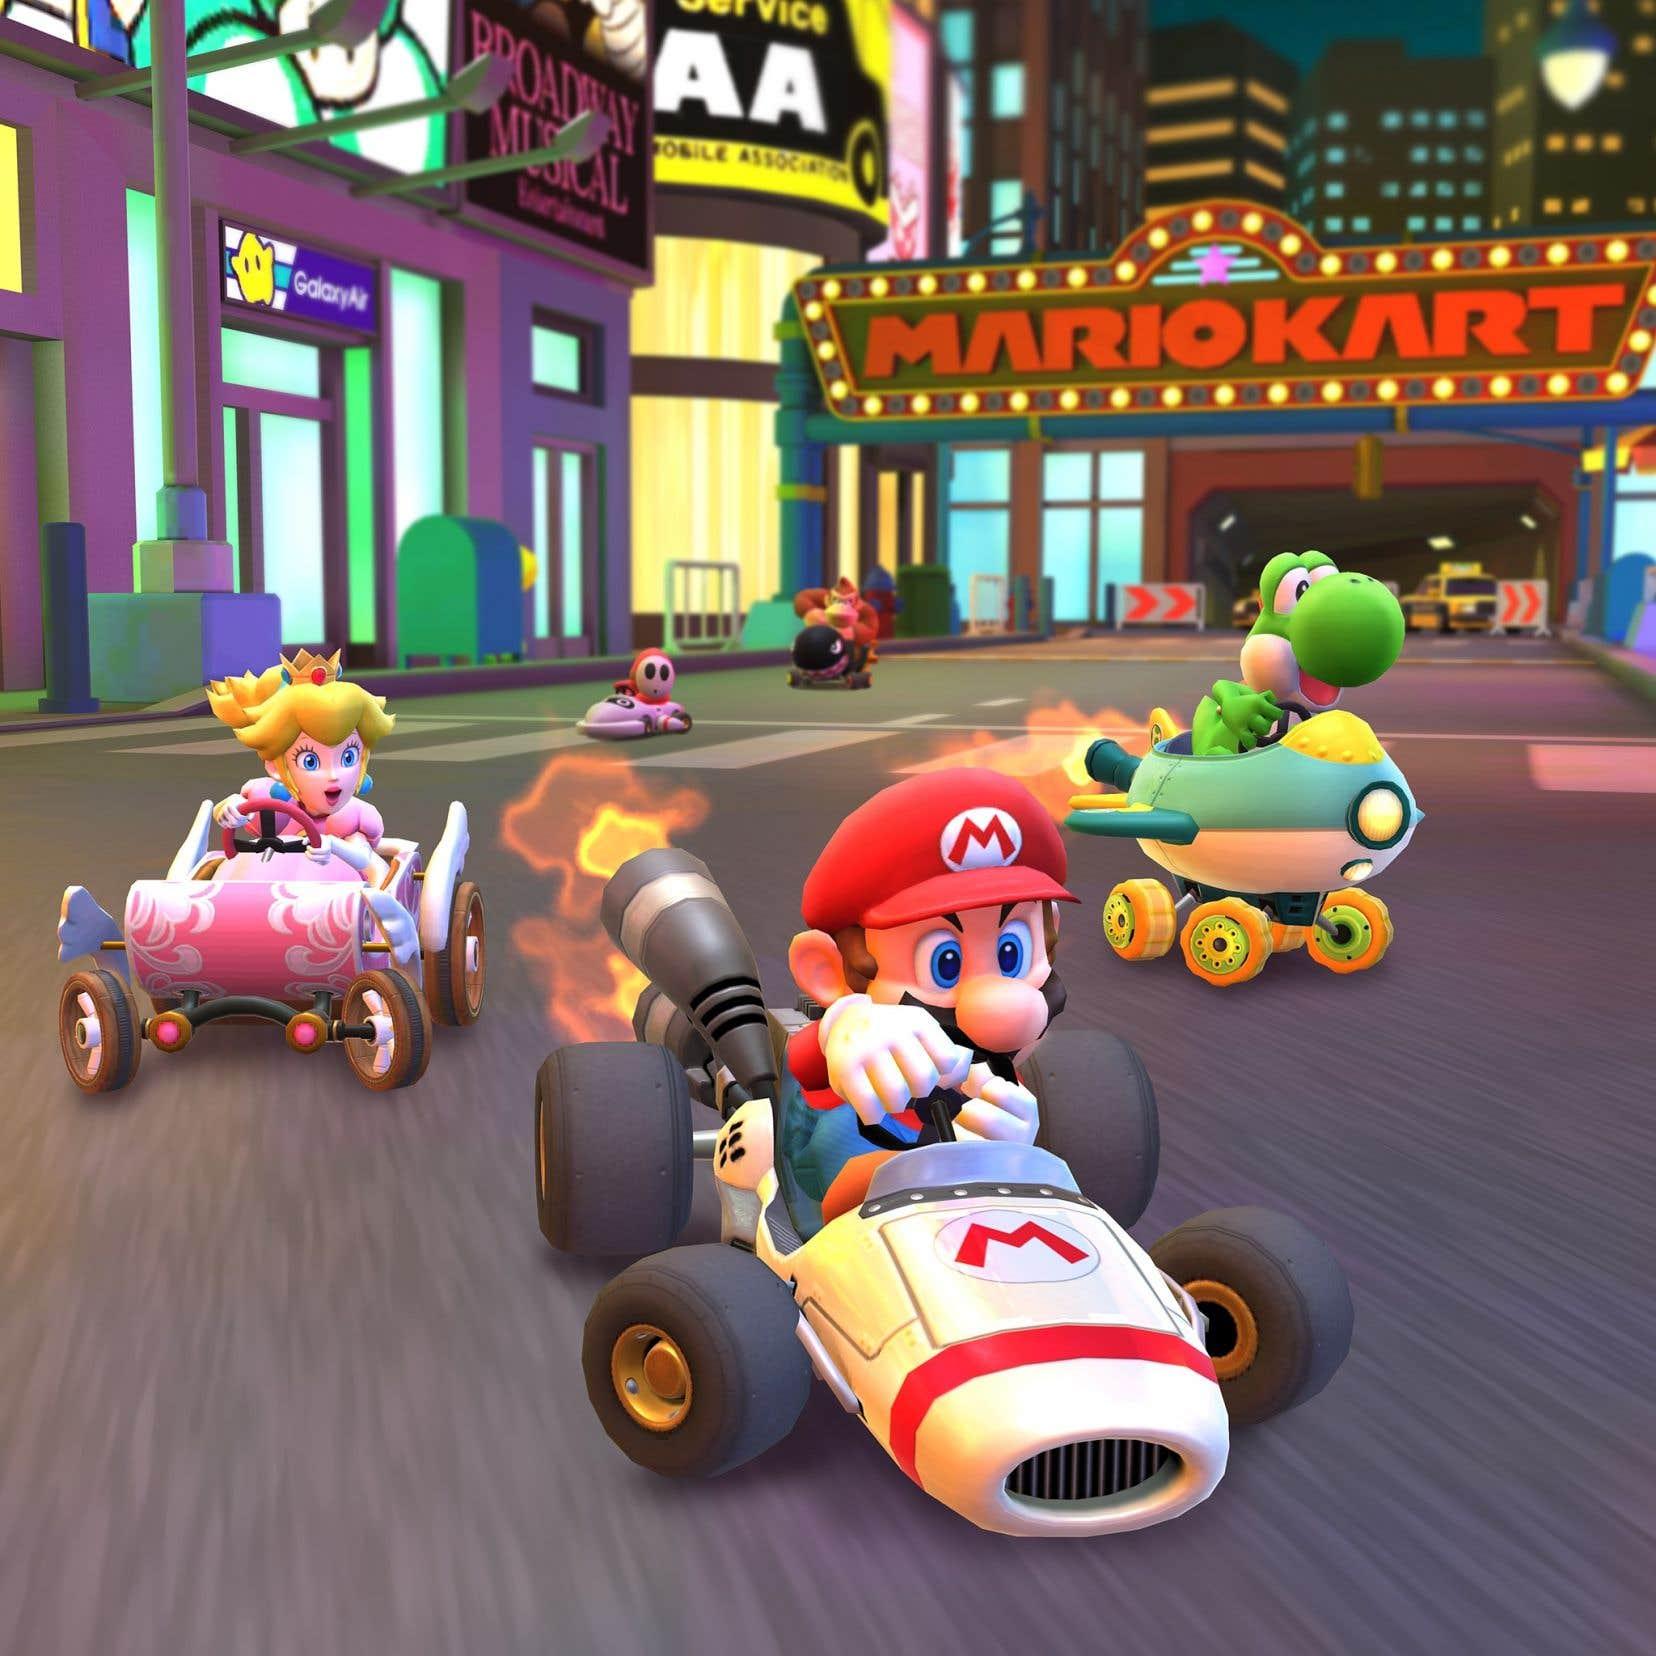 Mario Kart Tour»: tous les coureurs ne sont pas égaux | Le Devoir